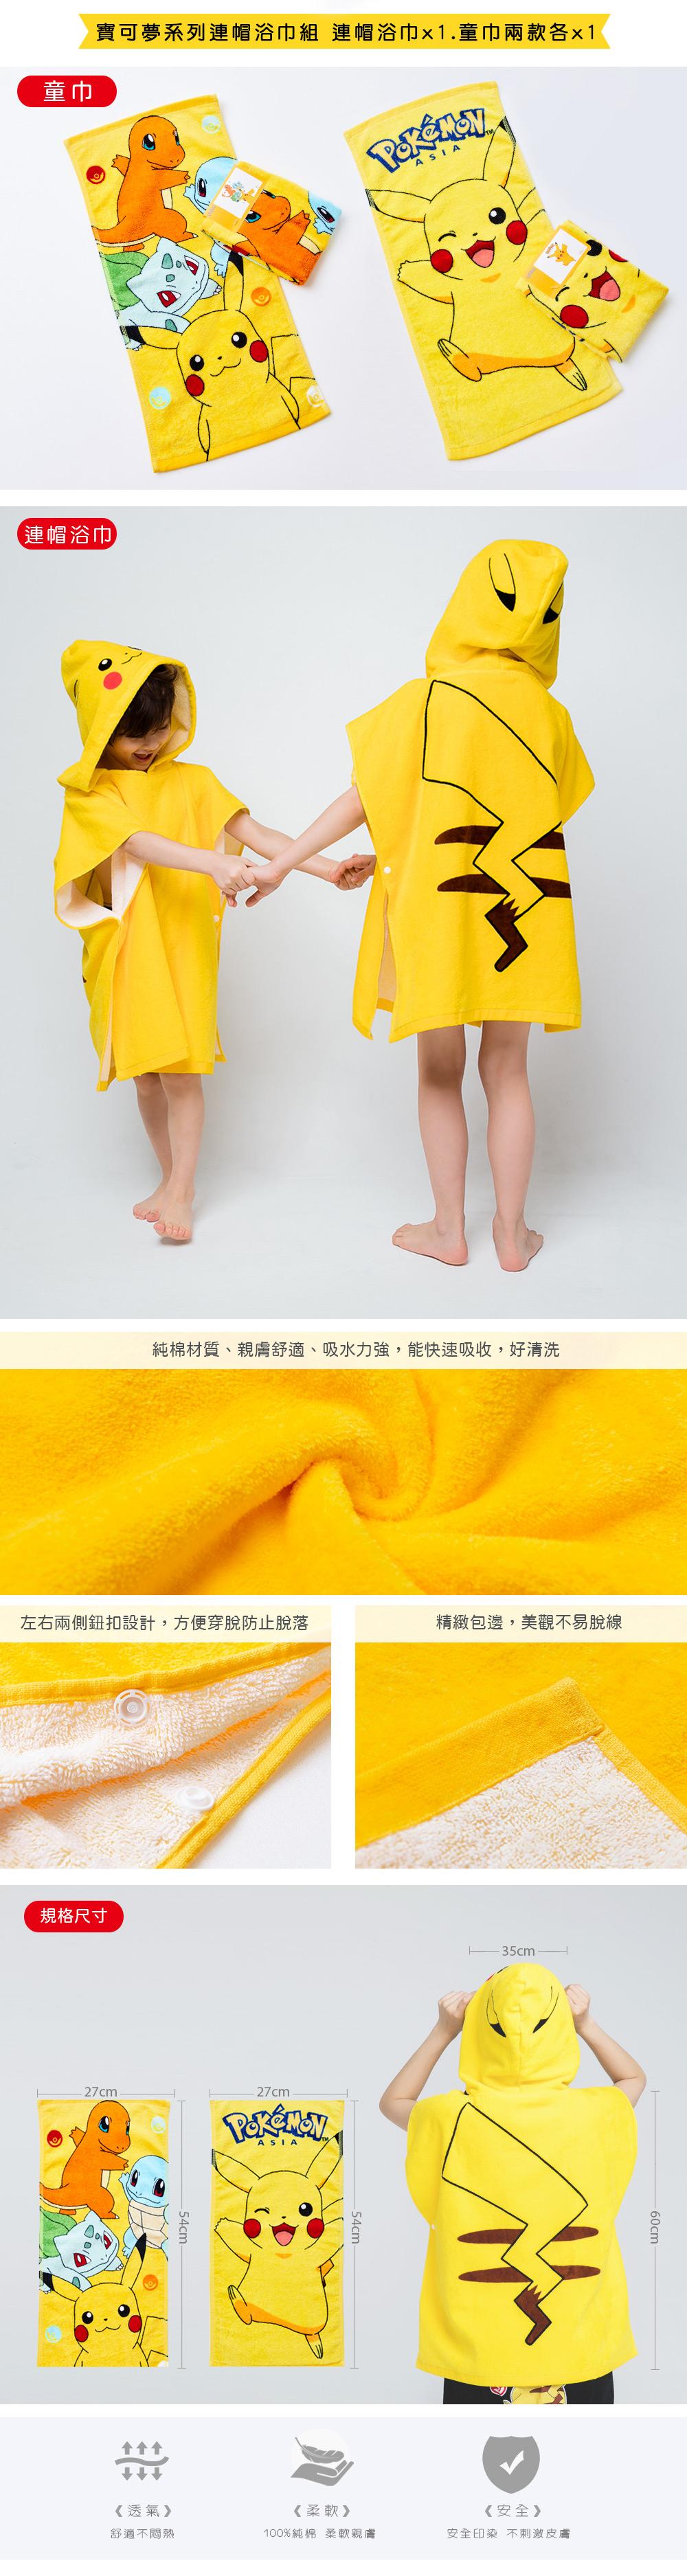 皮卡丘連帽浴巾-01